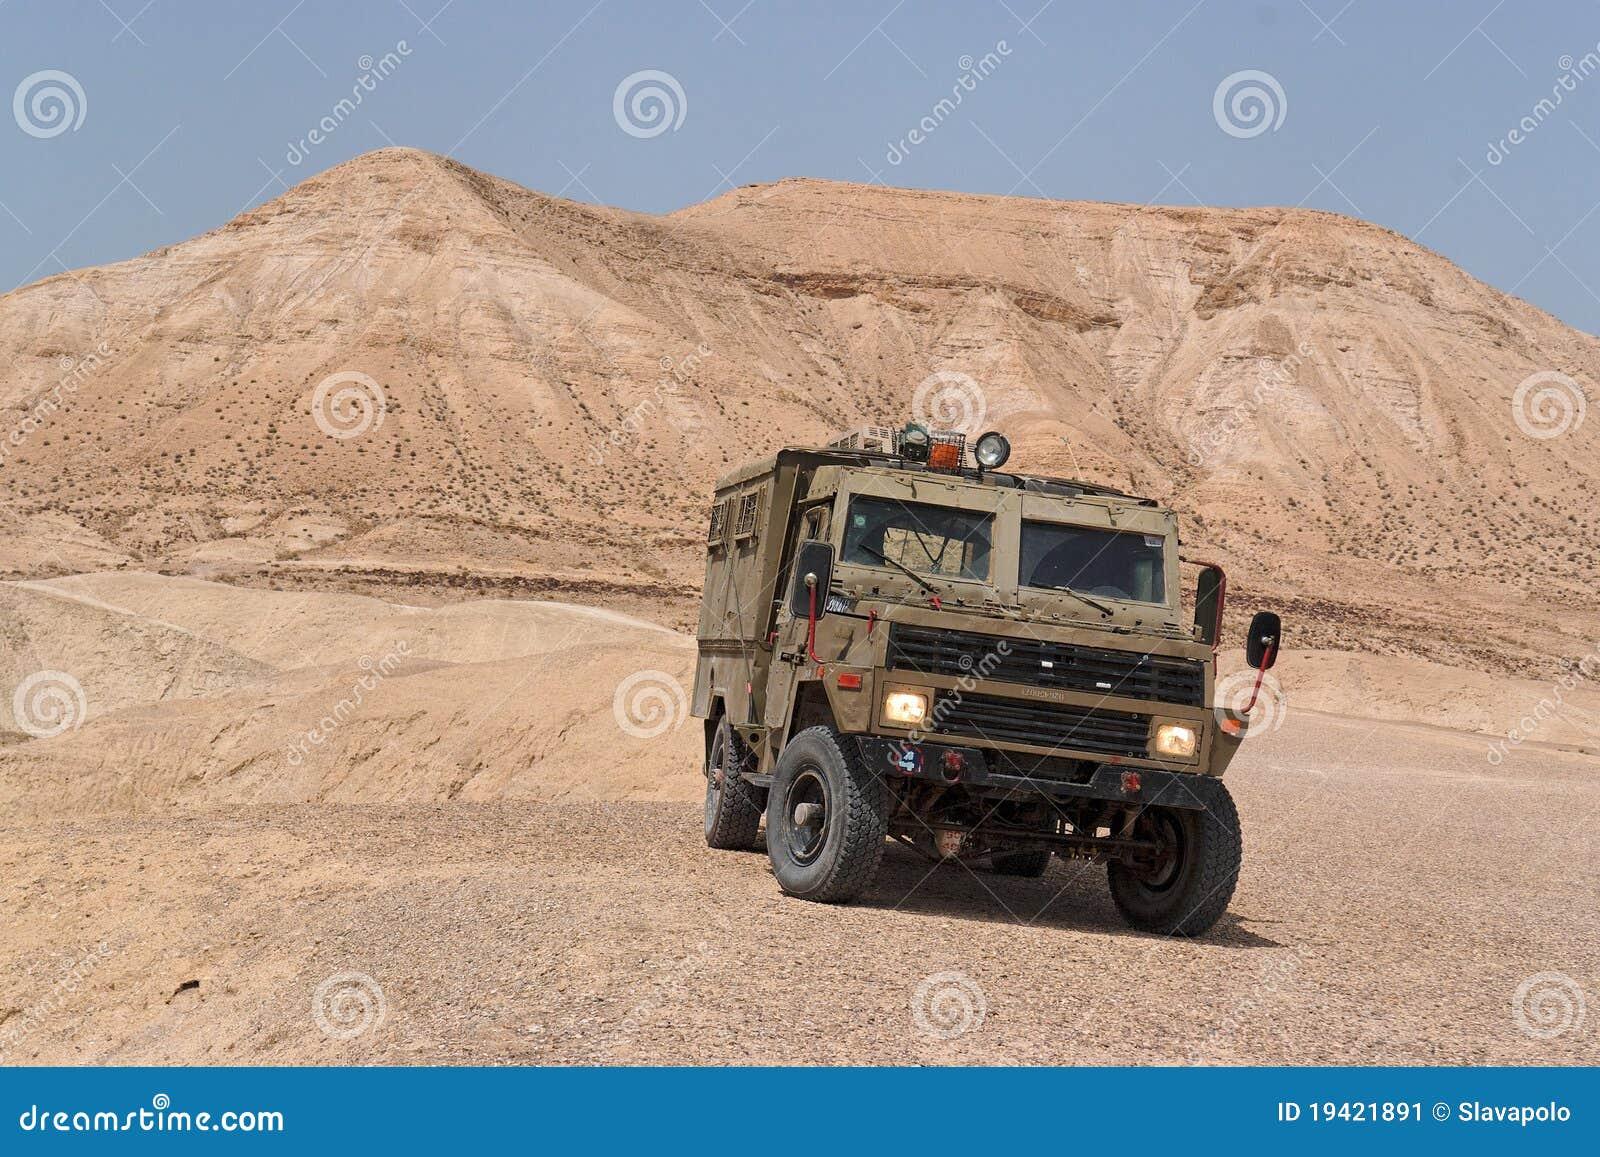 Israeli army Humvee on patrol in the Judean desert